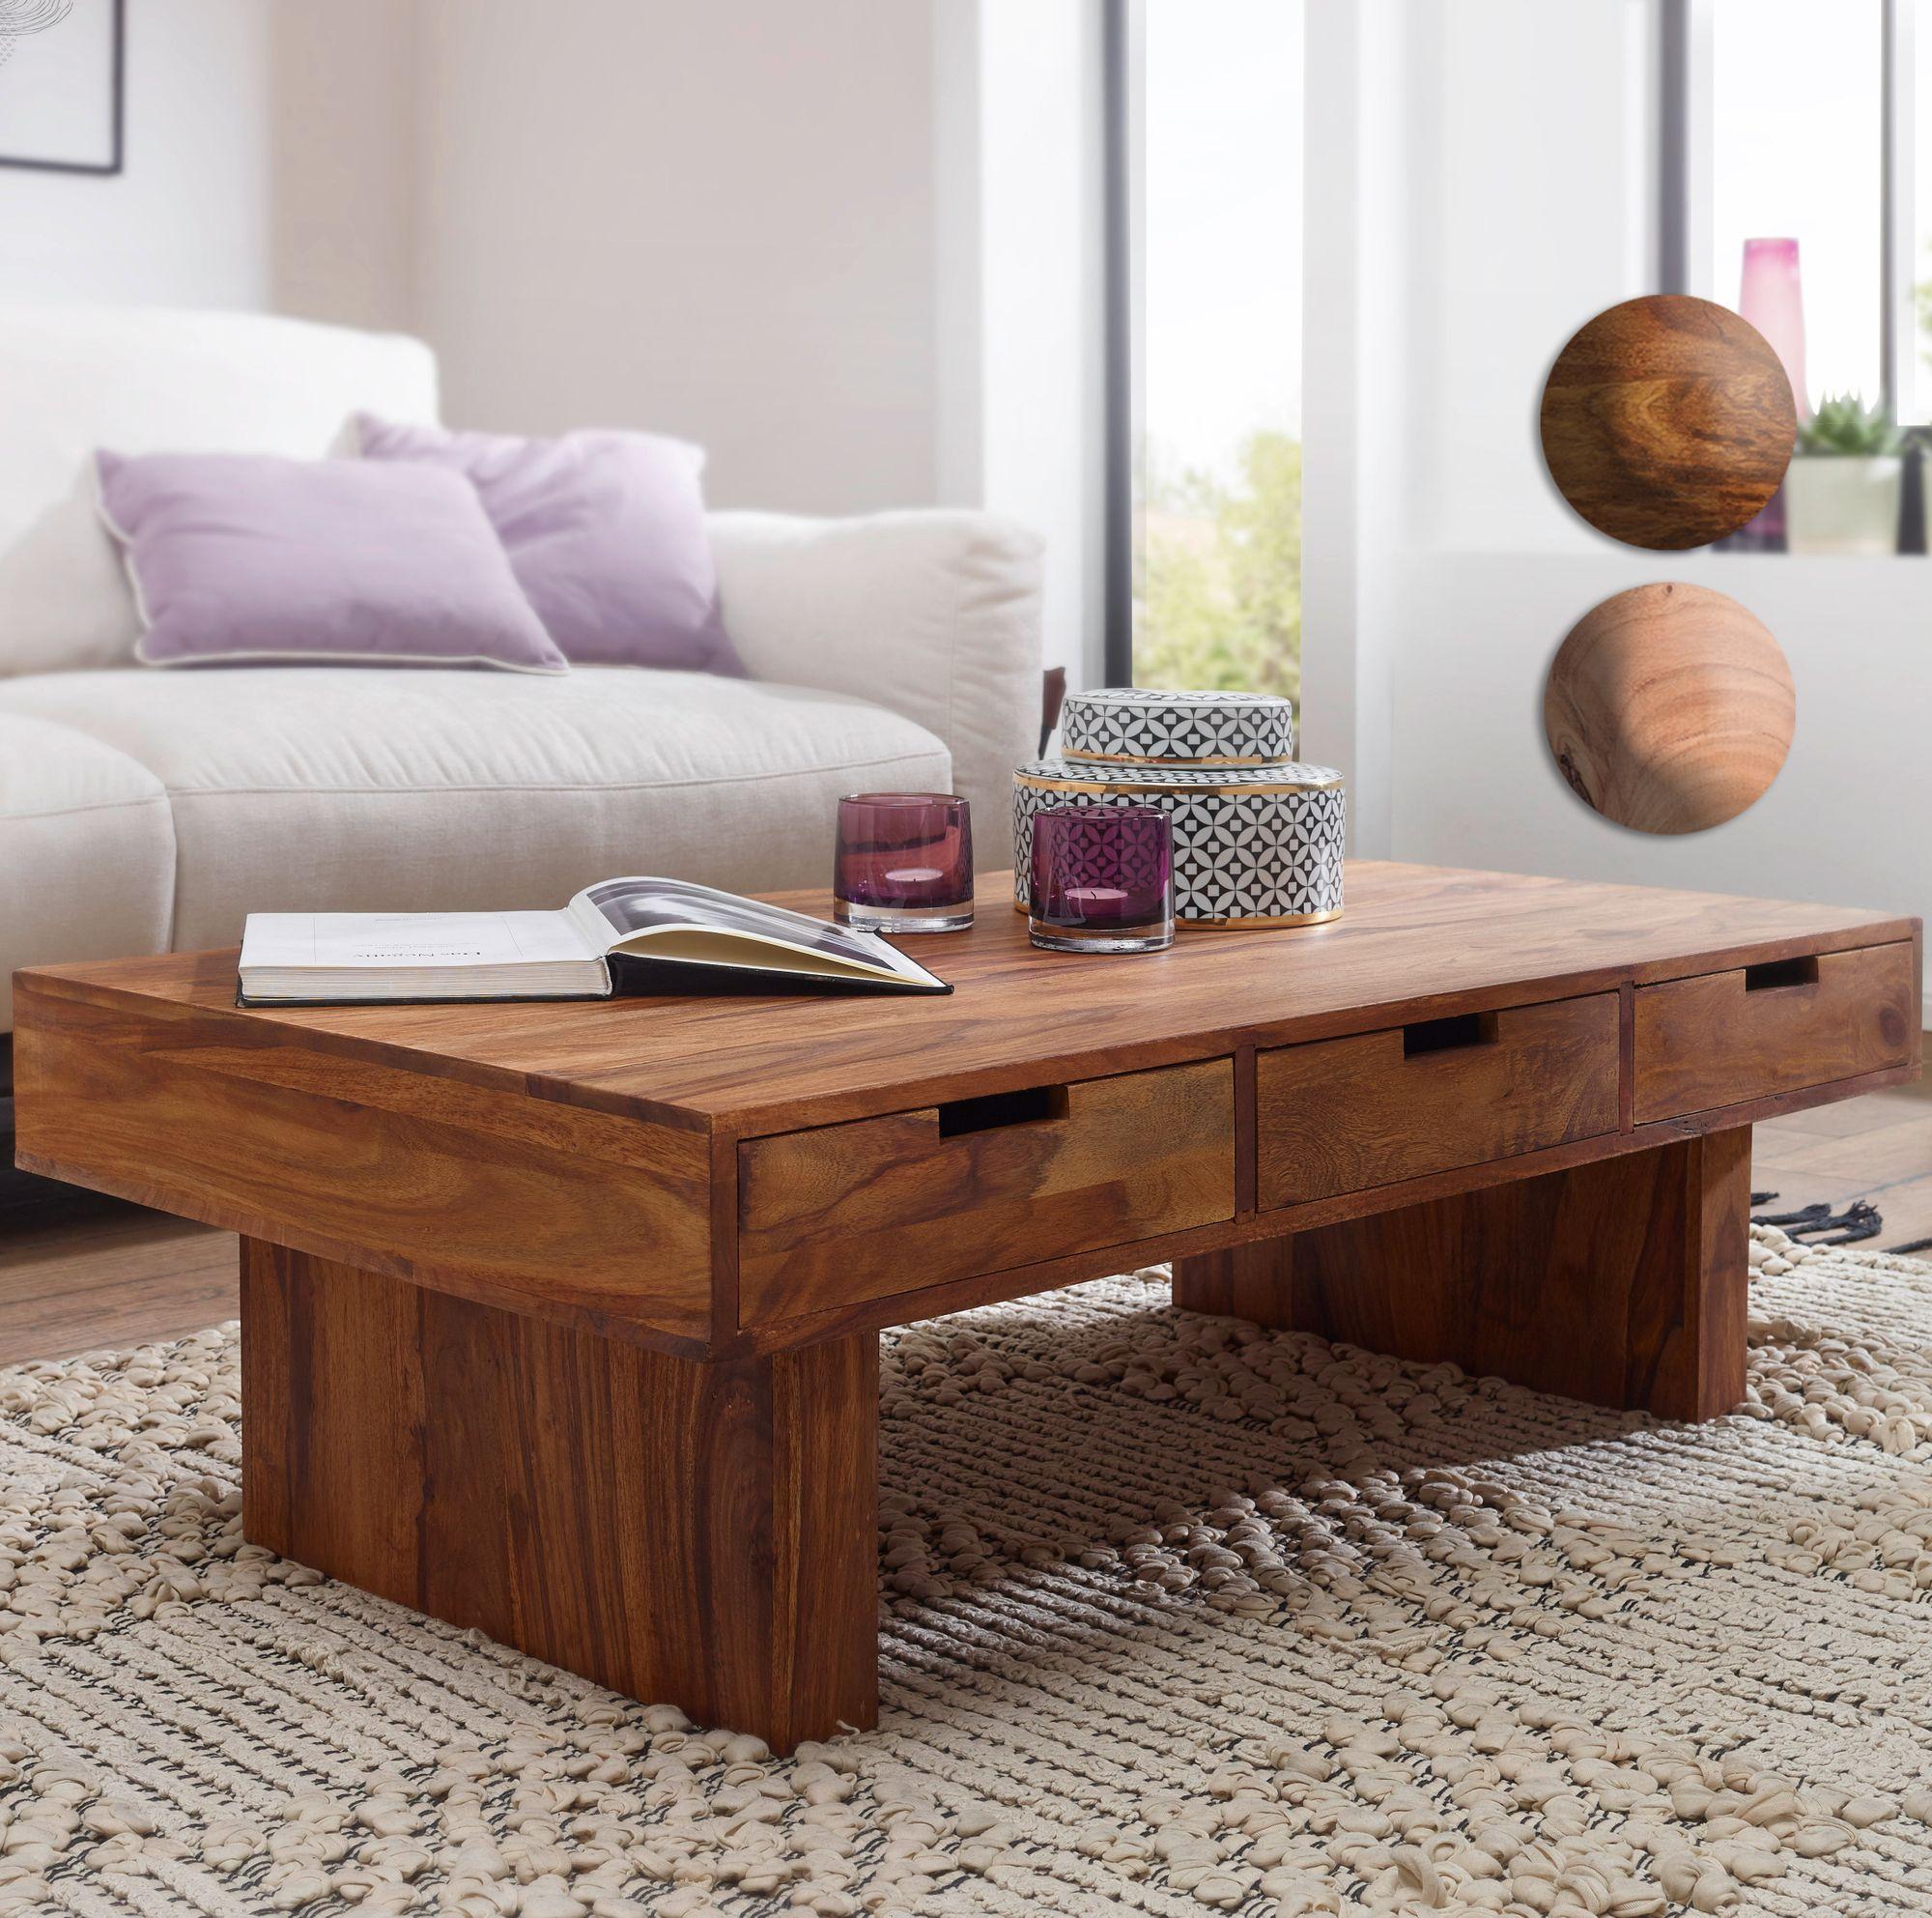 Finebuy Couchtisch Massivholz Wohnzimmer Tisch 110 X 60cm 6